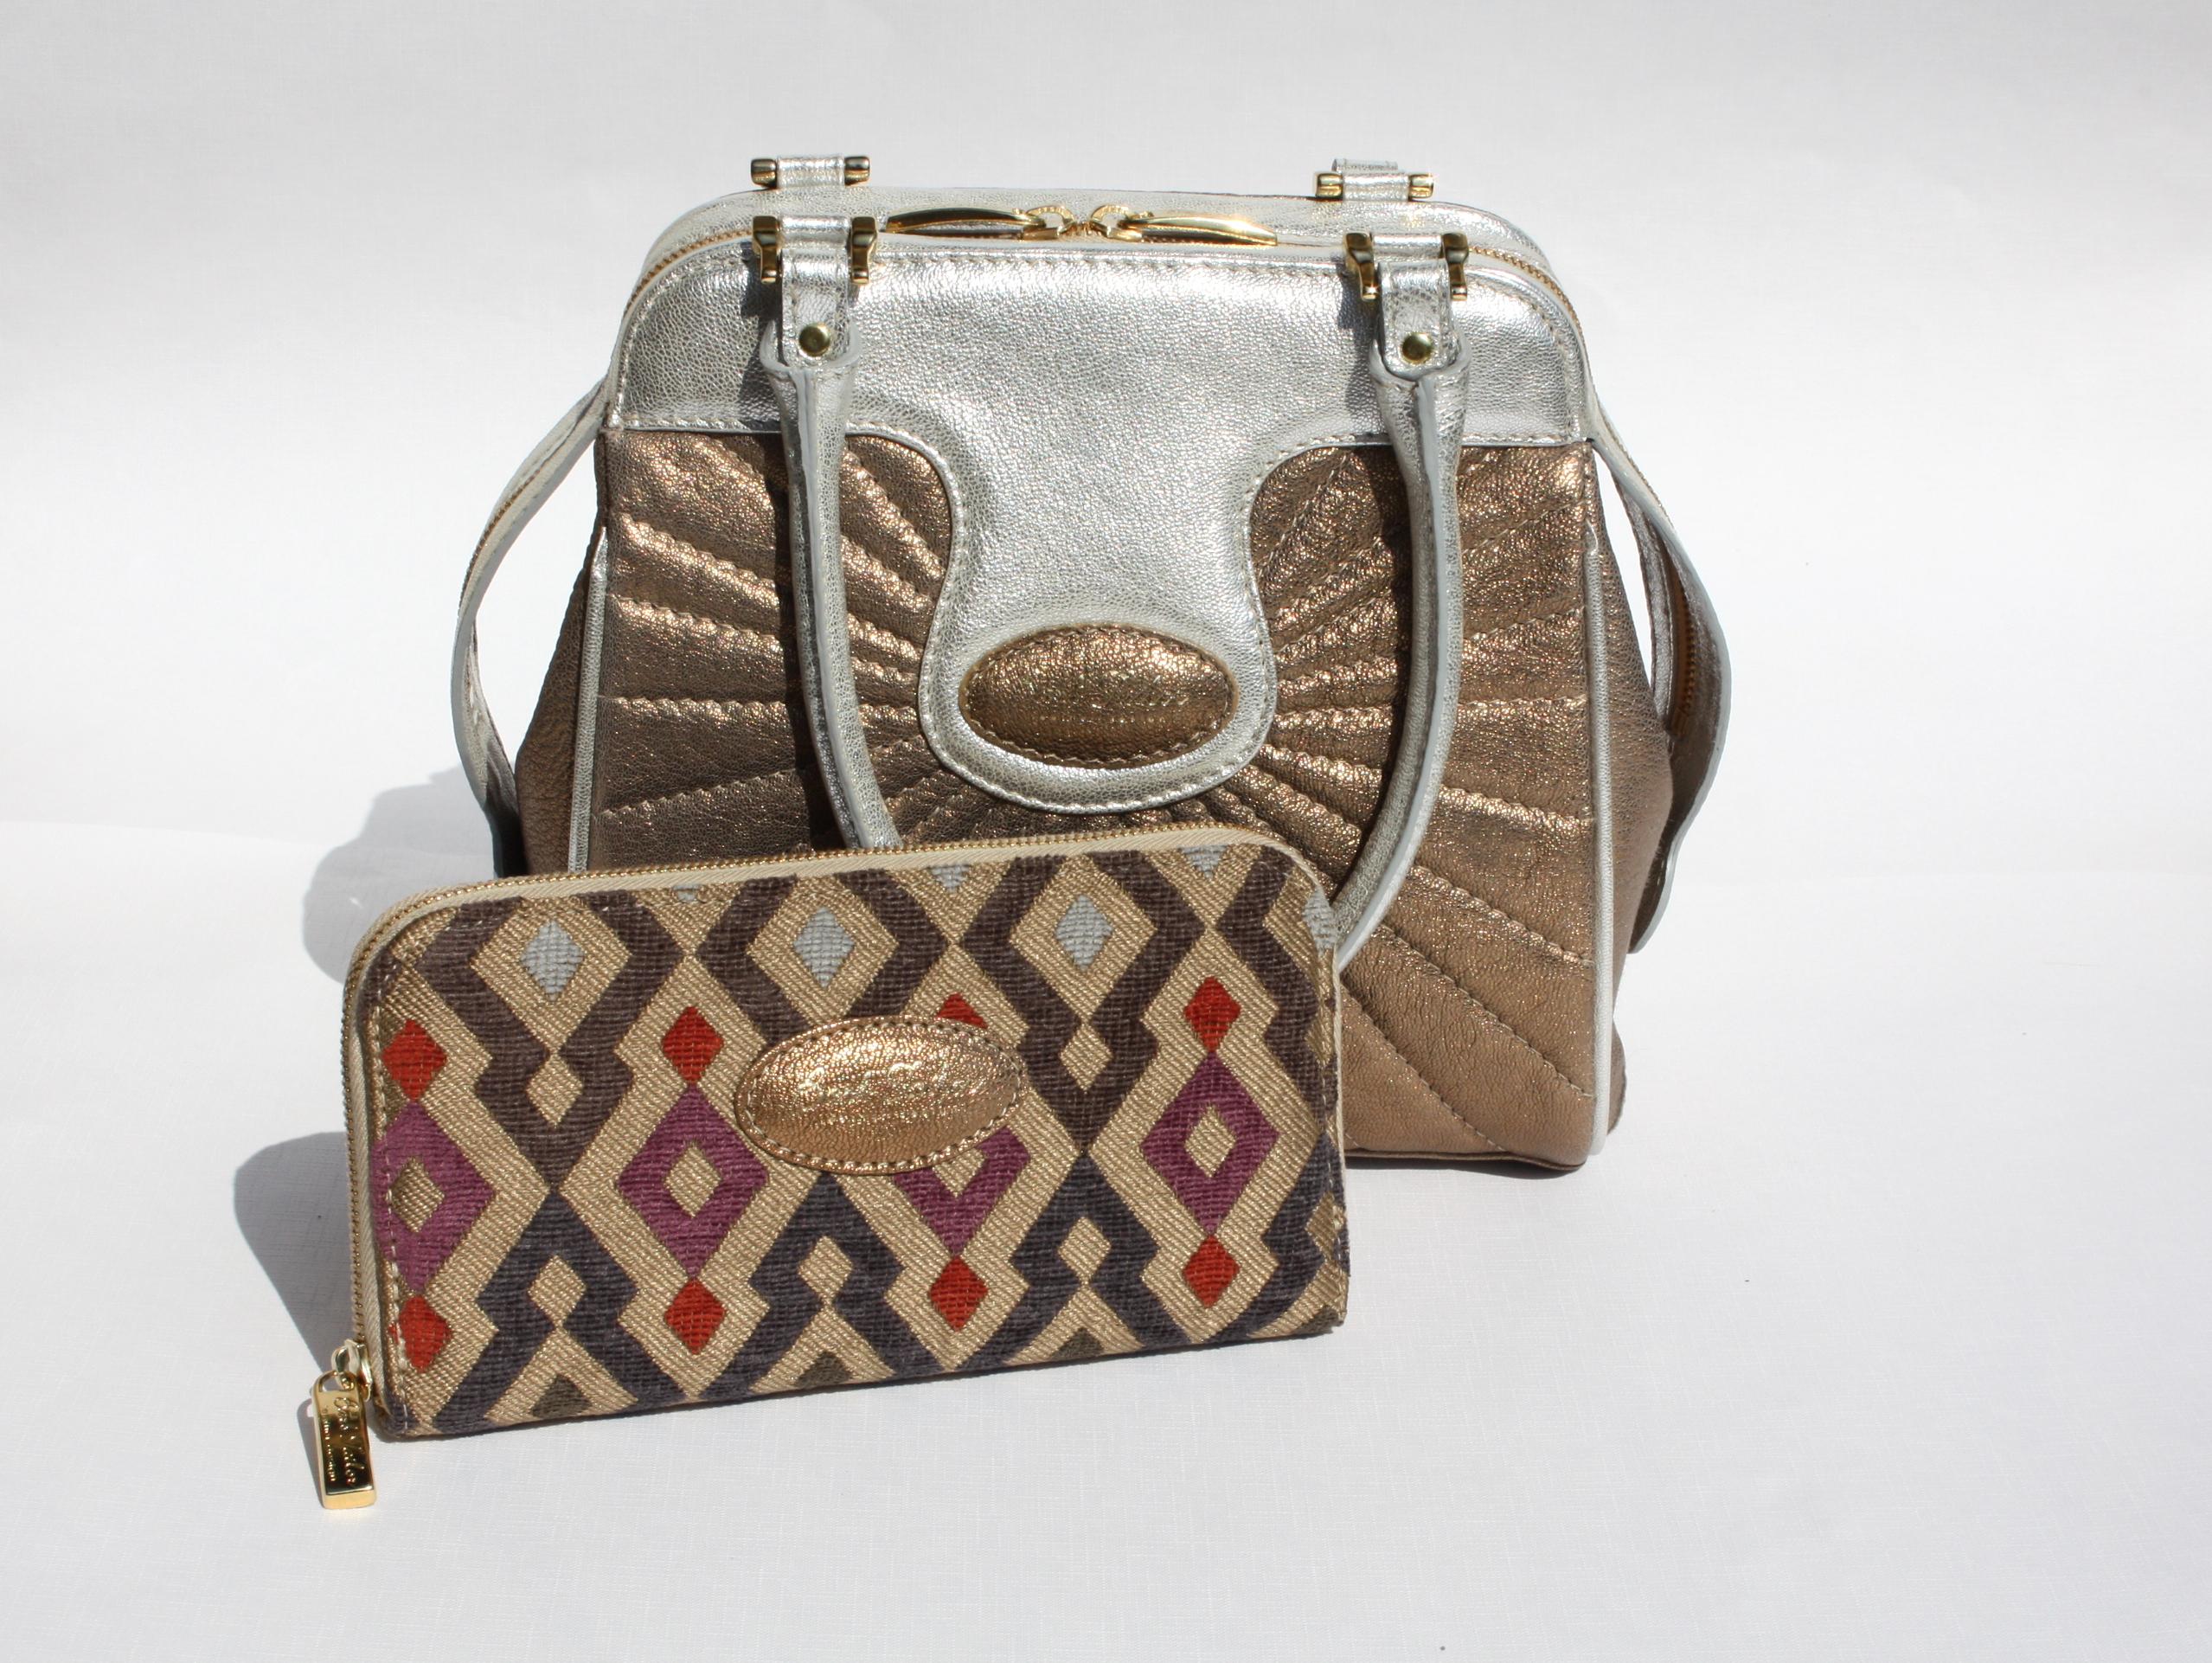 Sivatag Rózsája táska és pénztárca